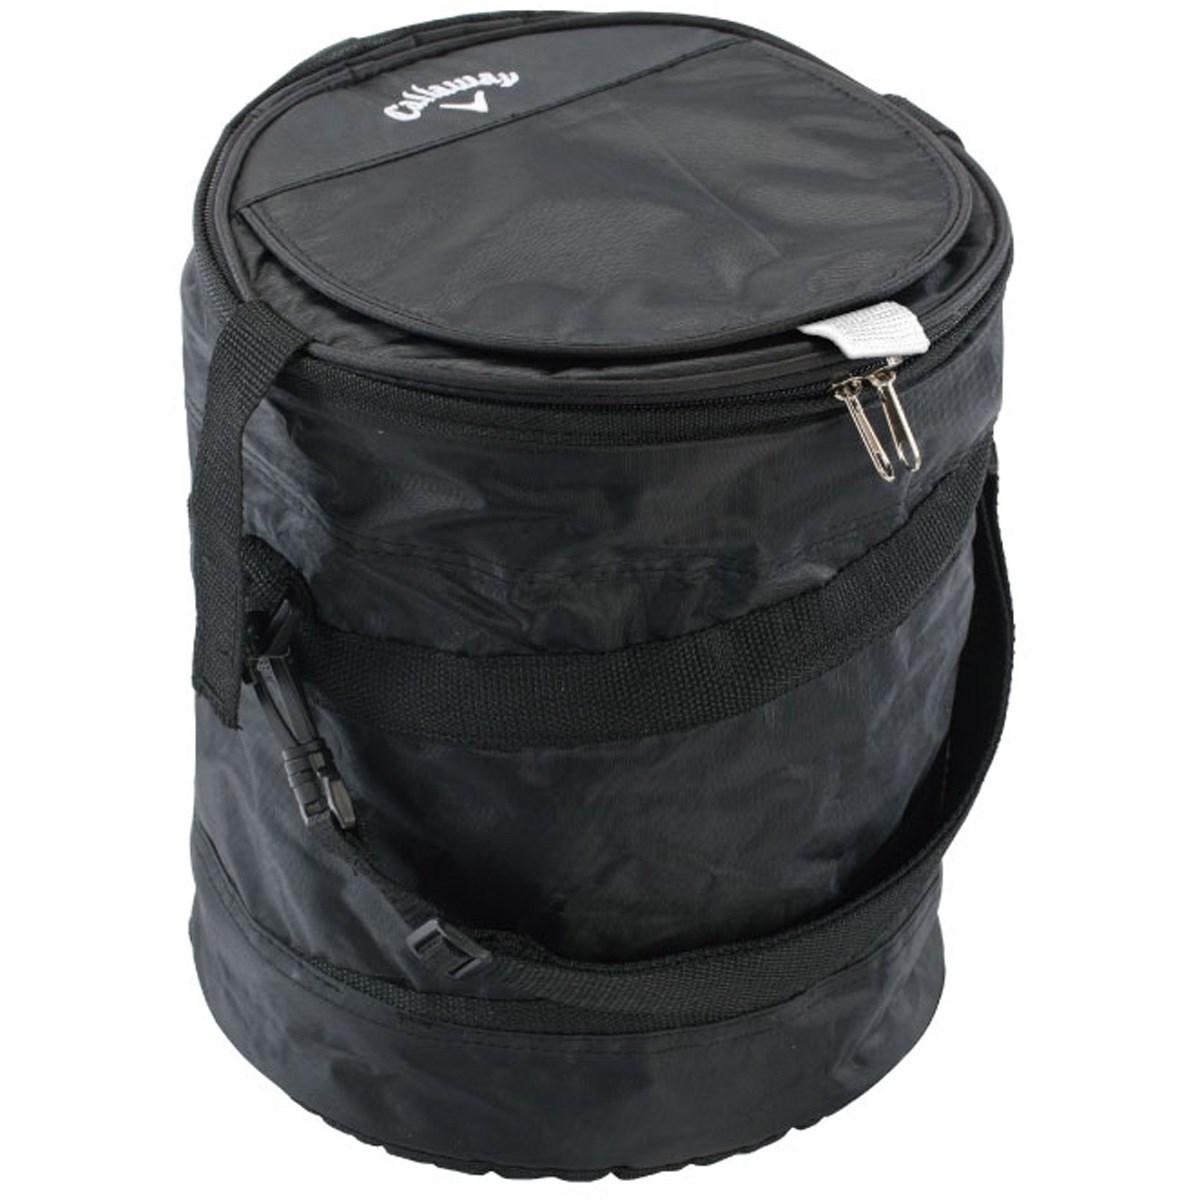 キャロウェイゴルフ Callaway Golf ドラム型クーラーバッグ ブラック